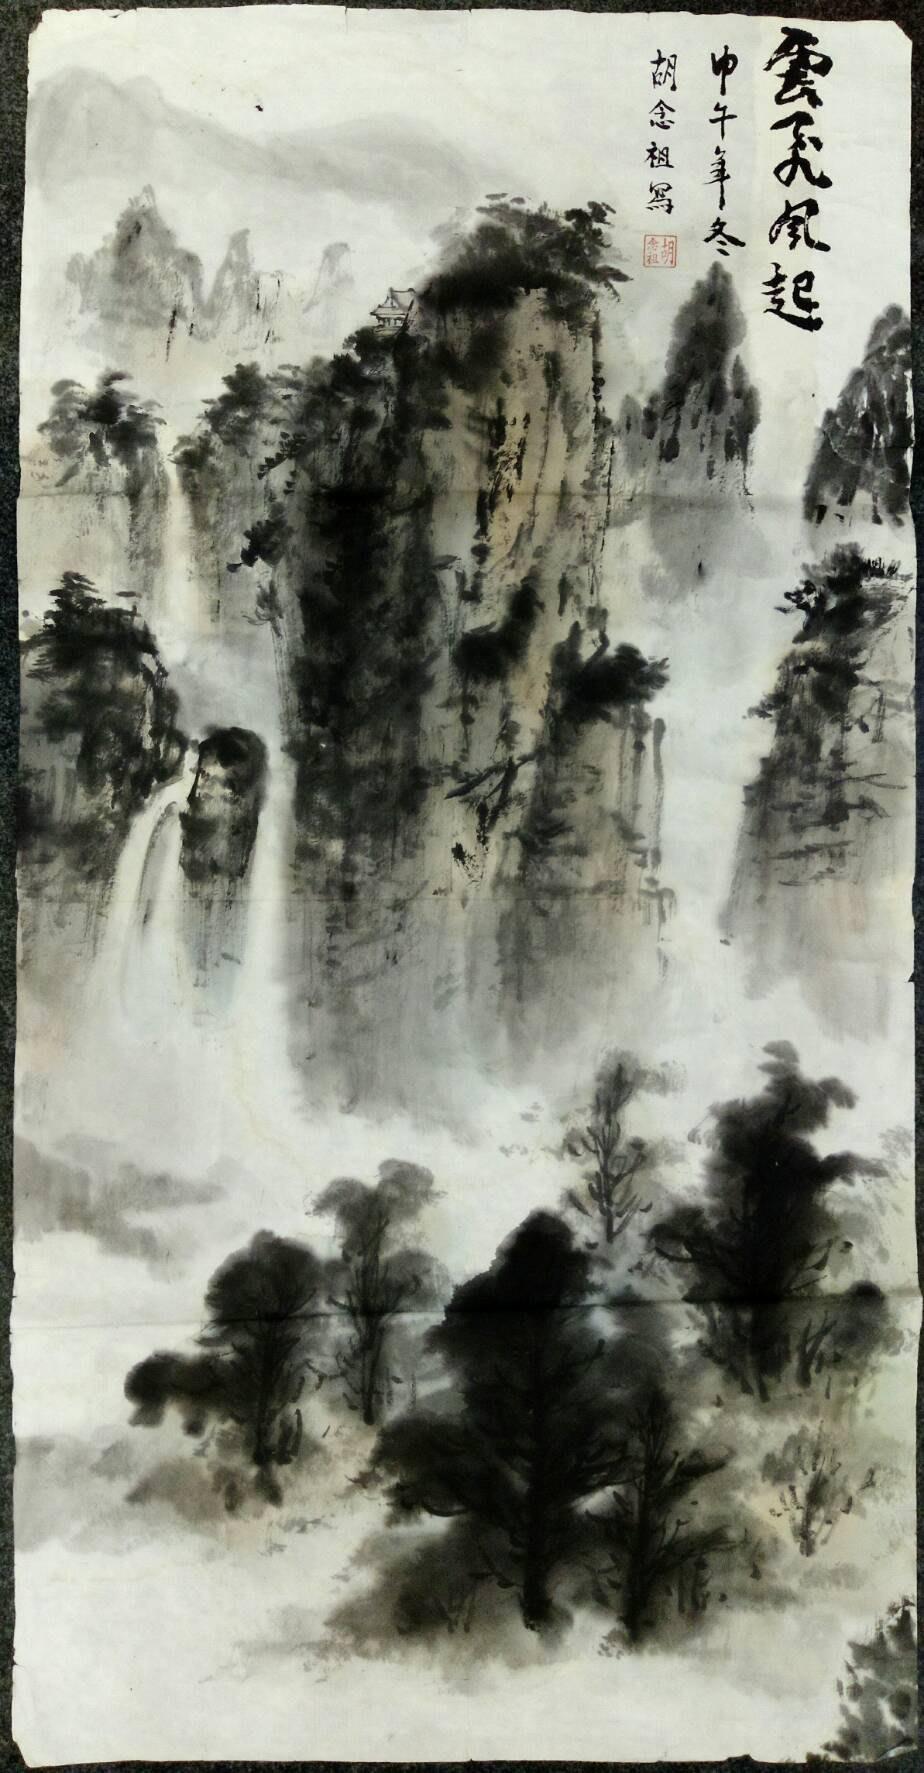 { 非比尋常 }== 山水 ! 名書畫家 胡念祖 原作 68 X35 cm